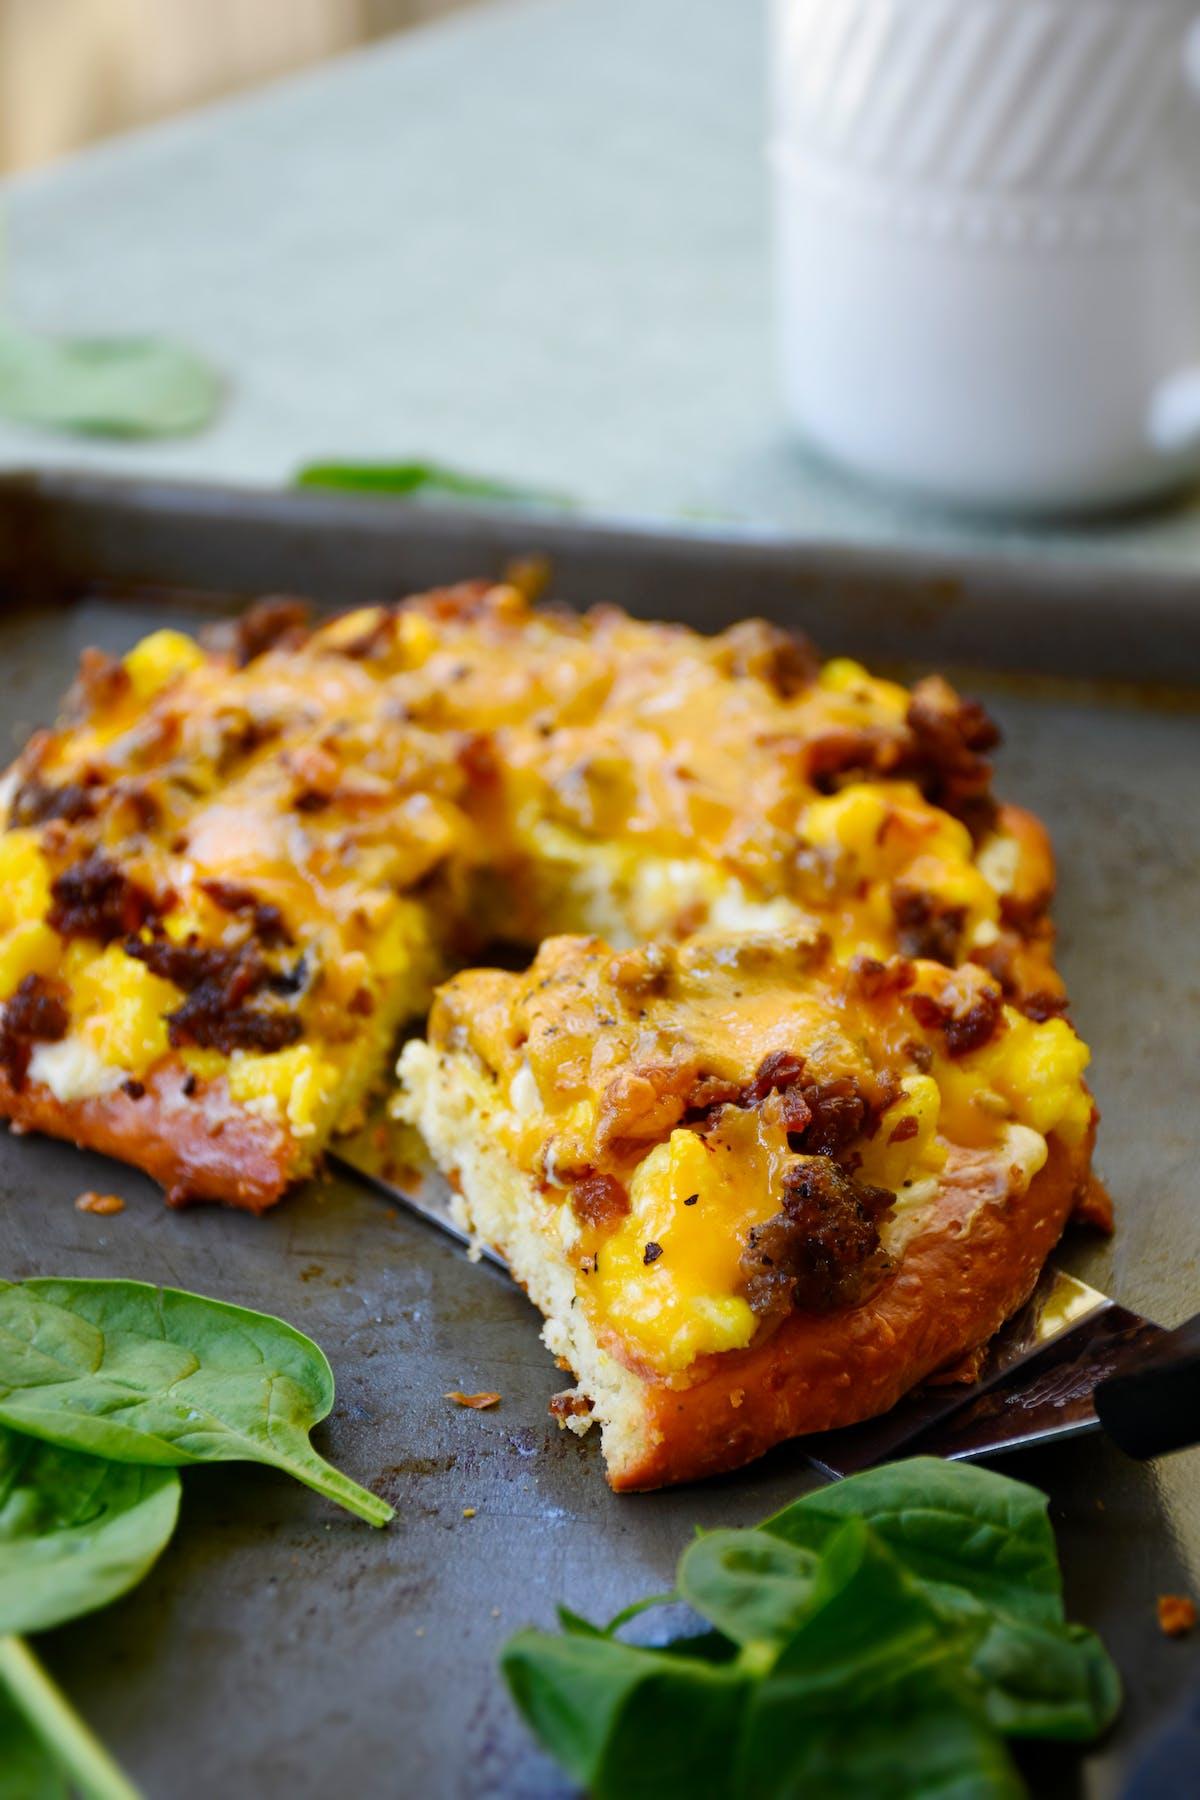 Sullivan's keDough breakfast pizza